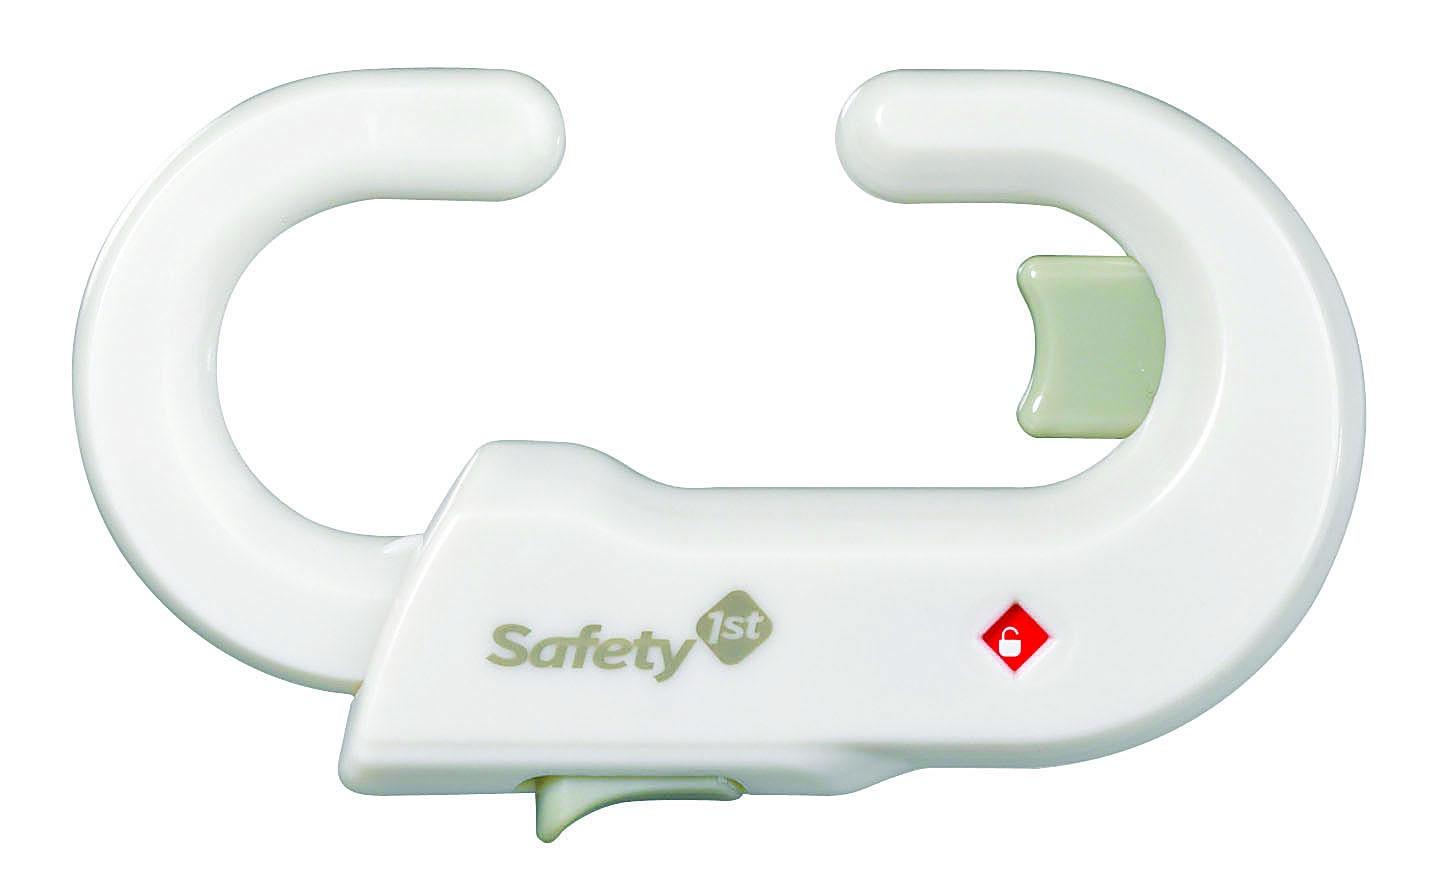 Блокиратор дверей/ящиков Safety 1st Блокиратор дверей/ящиков Safety 1st, 39094760, 39094760, белый baby safety фиксатор для дверей яблочко